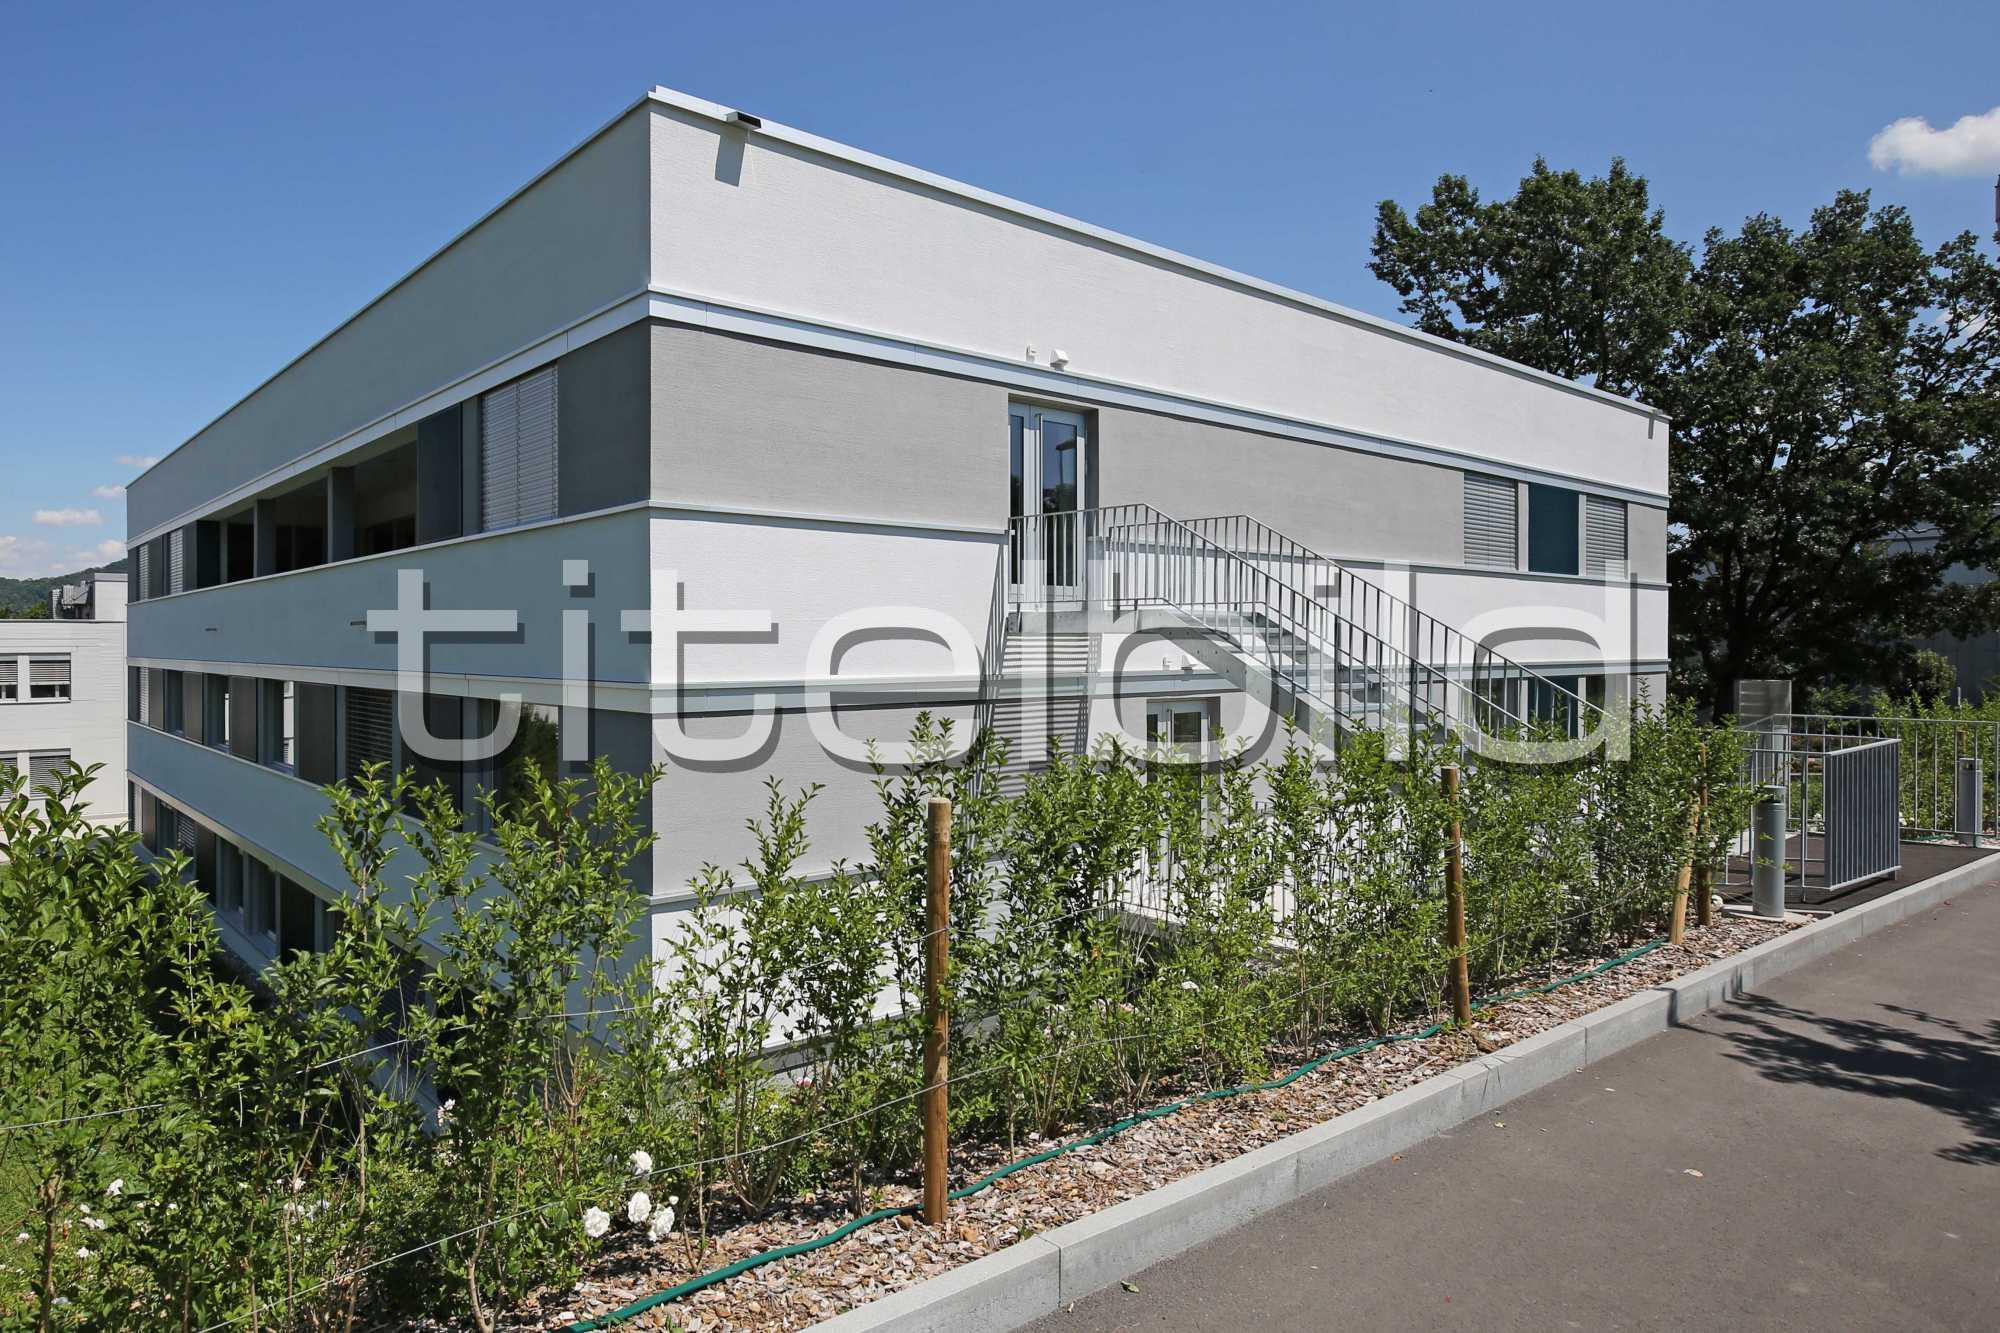 Projektbild-Nr. 2: RehaClinic, Bau Solitär 85